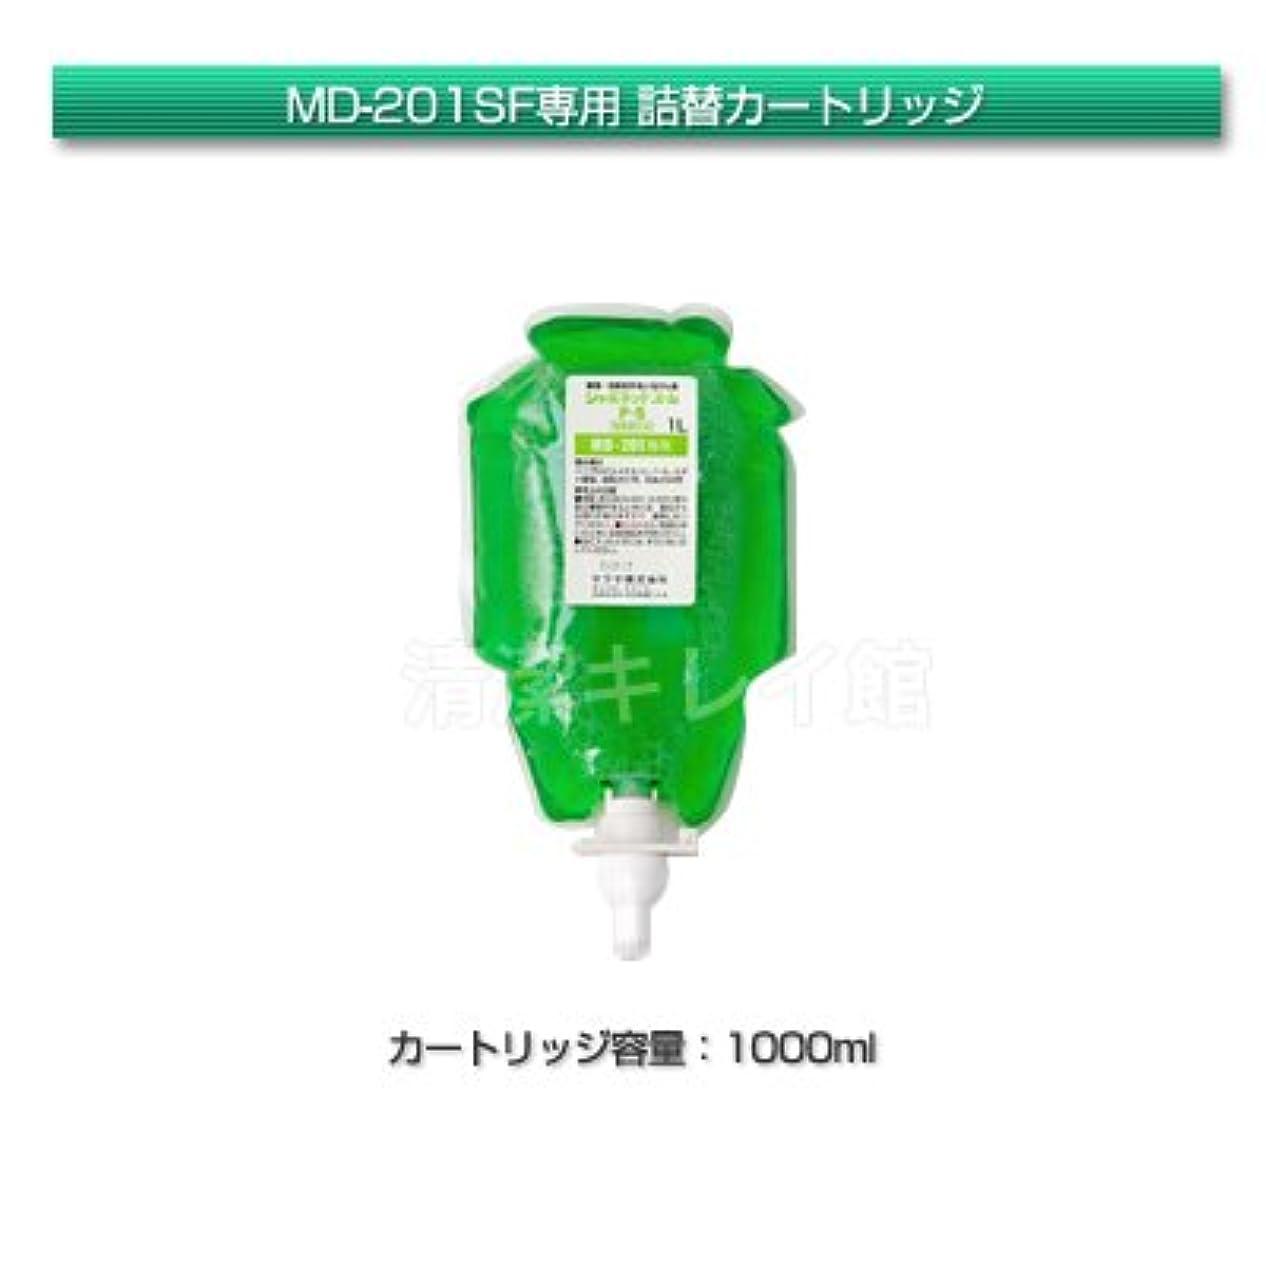 サラヤ プッシュ式石鹸液 MD-201SF(泡)専用カートリッジ(ユムP-5)1000ml【清潔キレイ館】